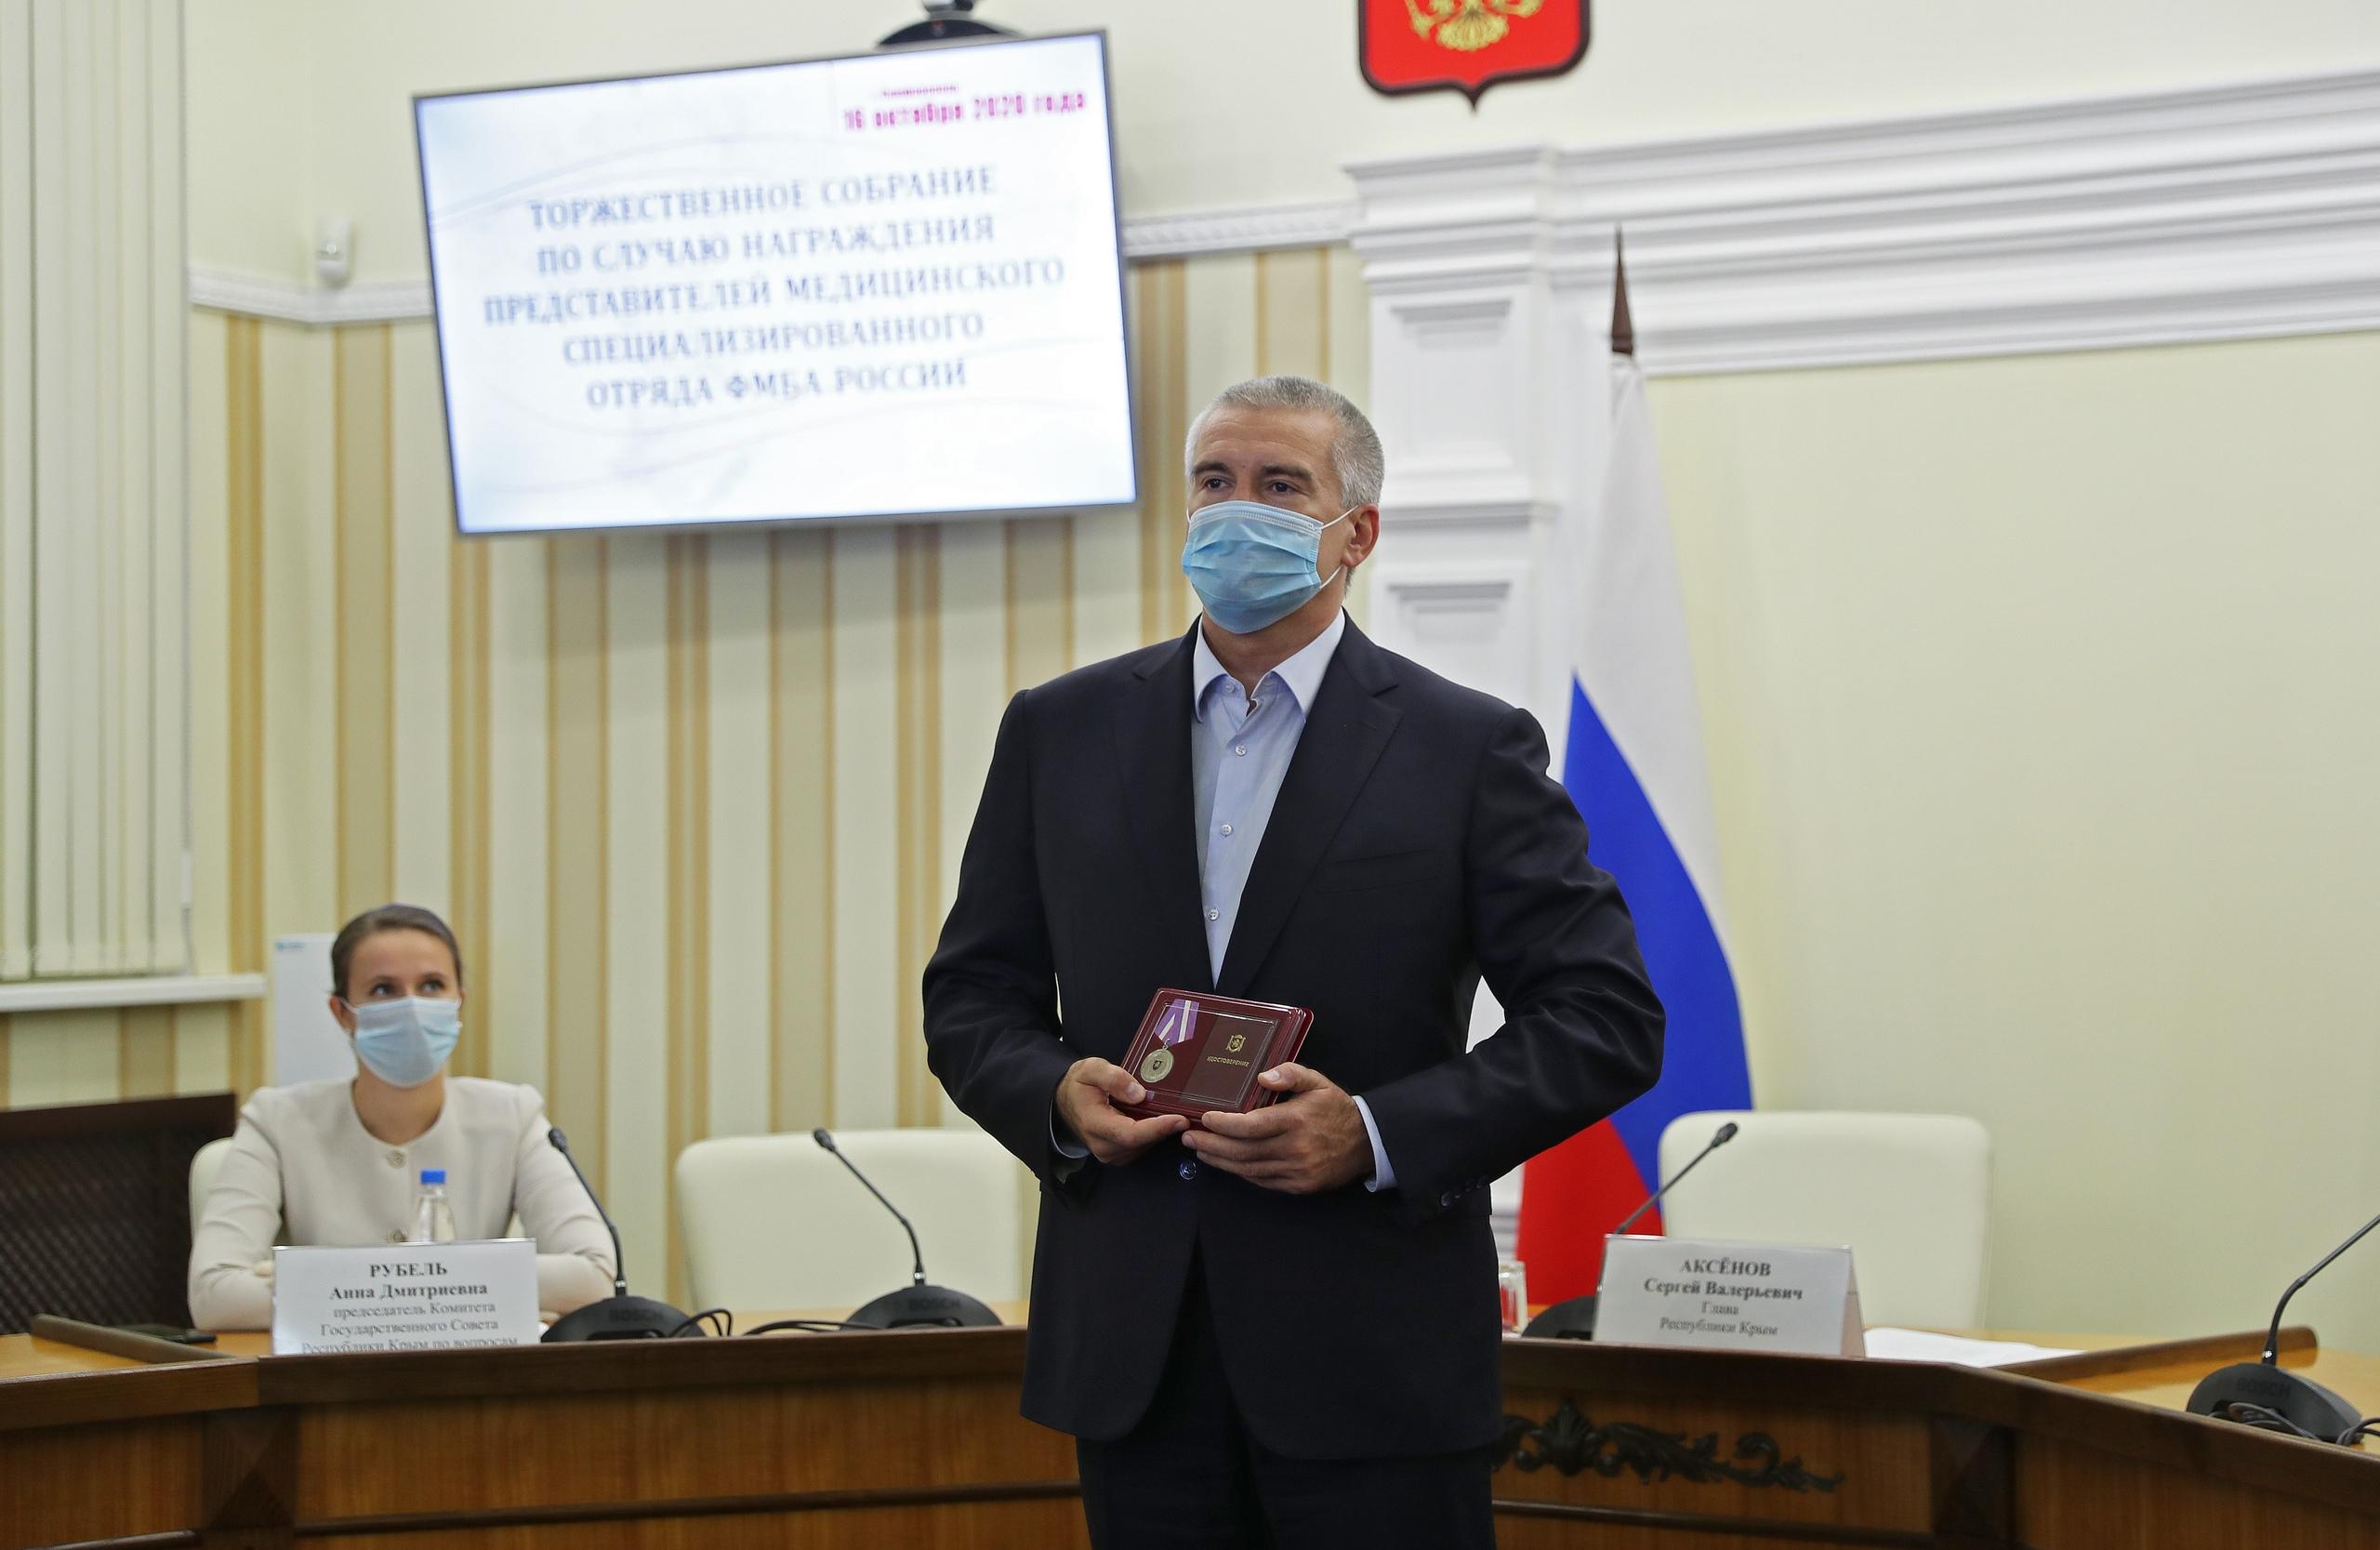 Аксёнов наградил медиков из Сибири, приехавших спасать Крым от коронавируса